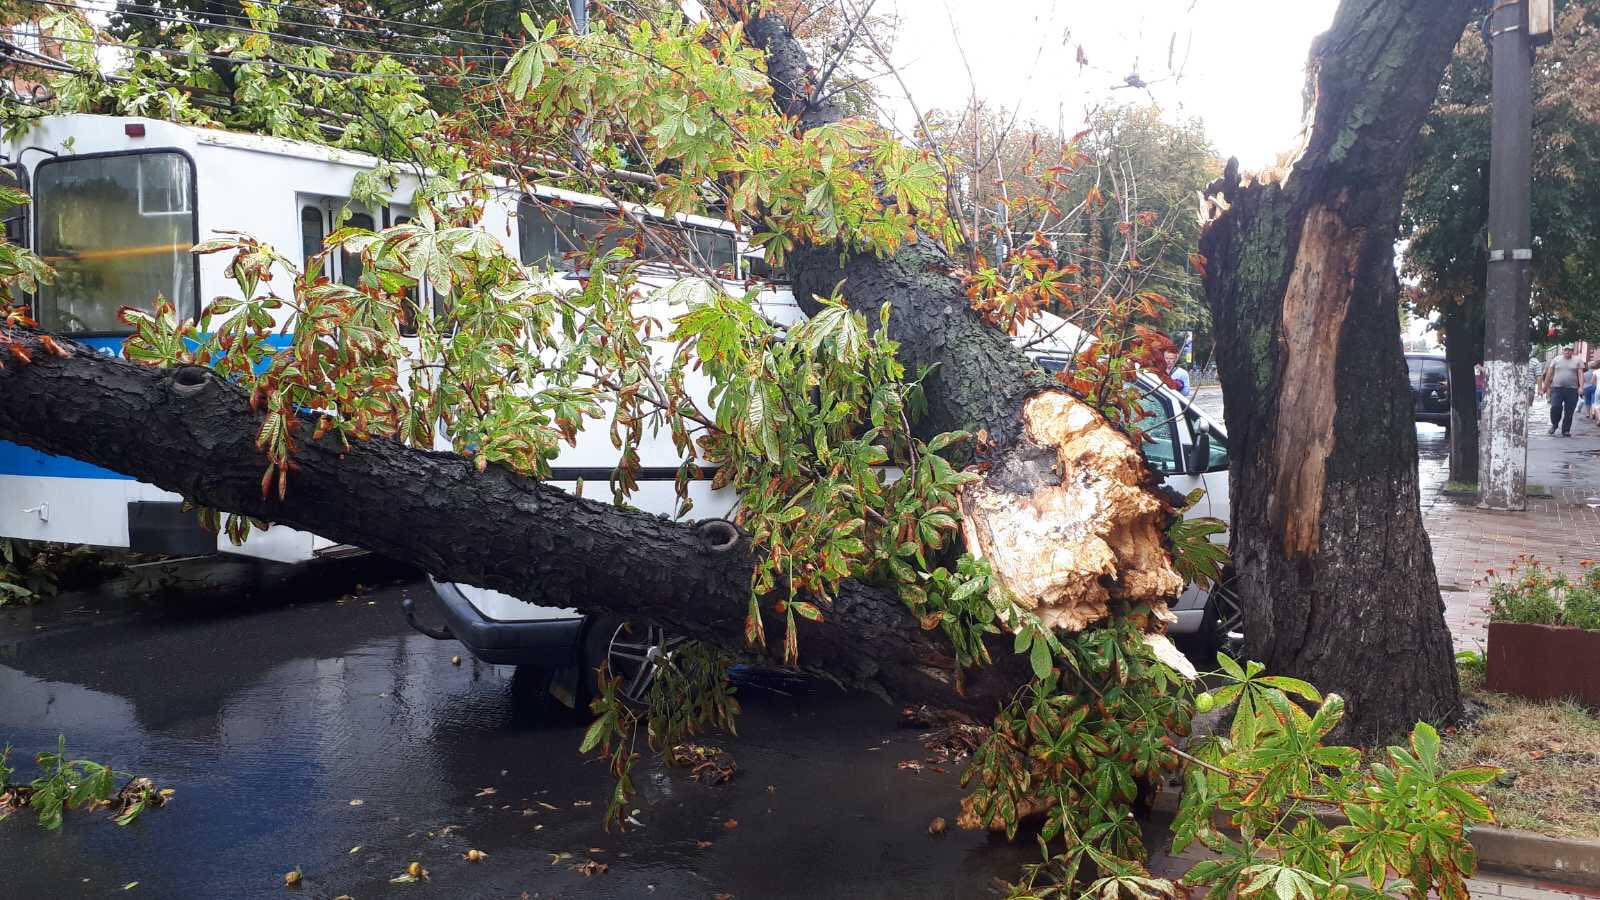 В Виннице дерево упало и накрыло троллейбус с людьми: фото и видео последствий стихии